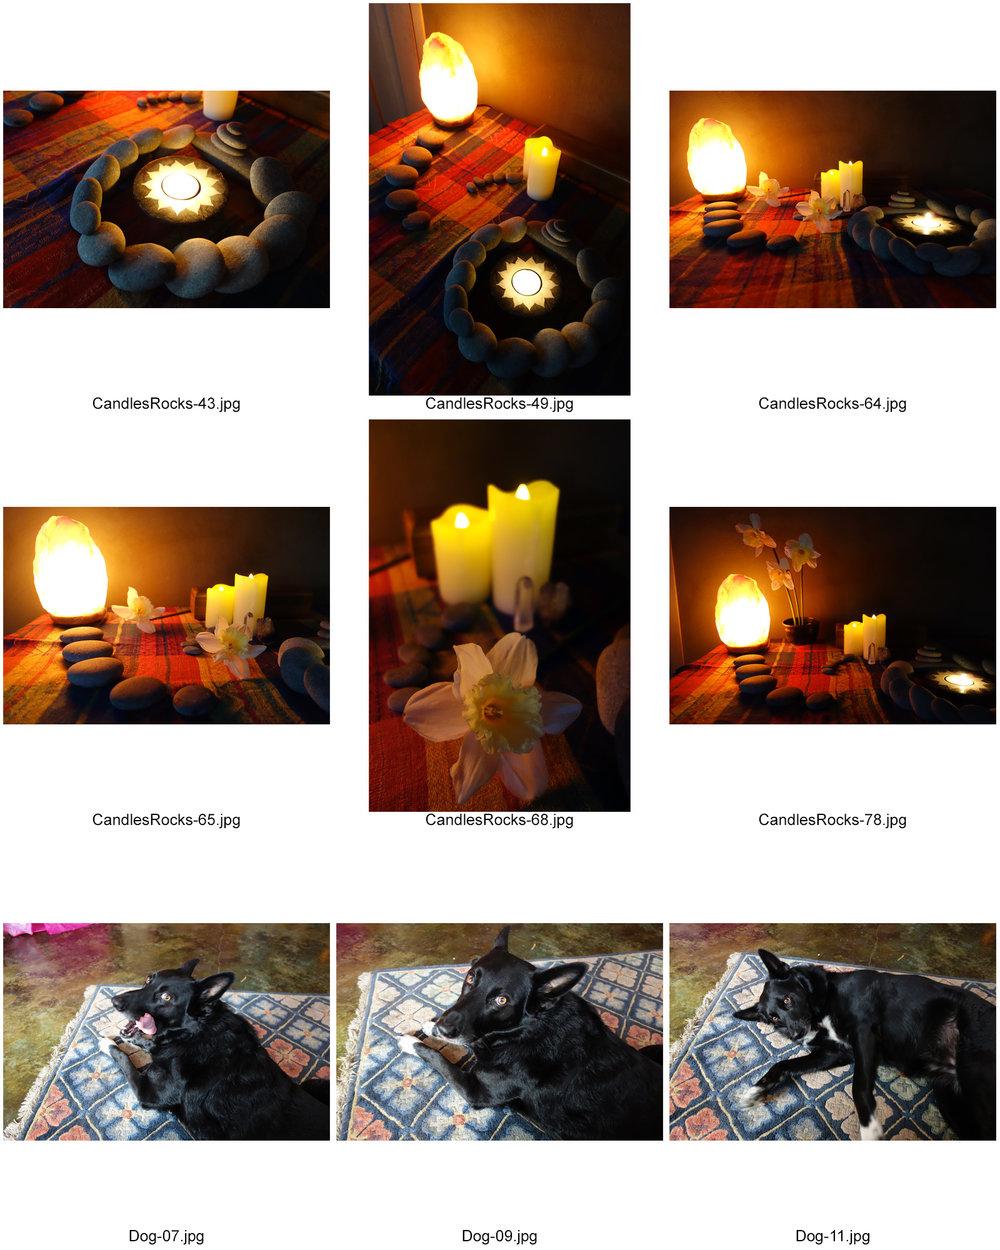 ContactSheet-004.jpg